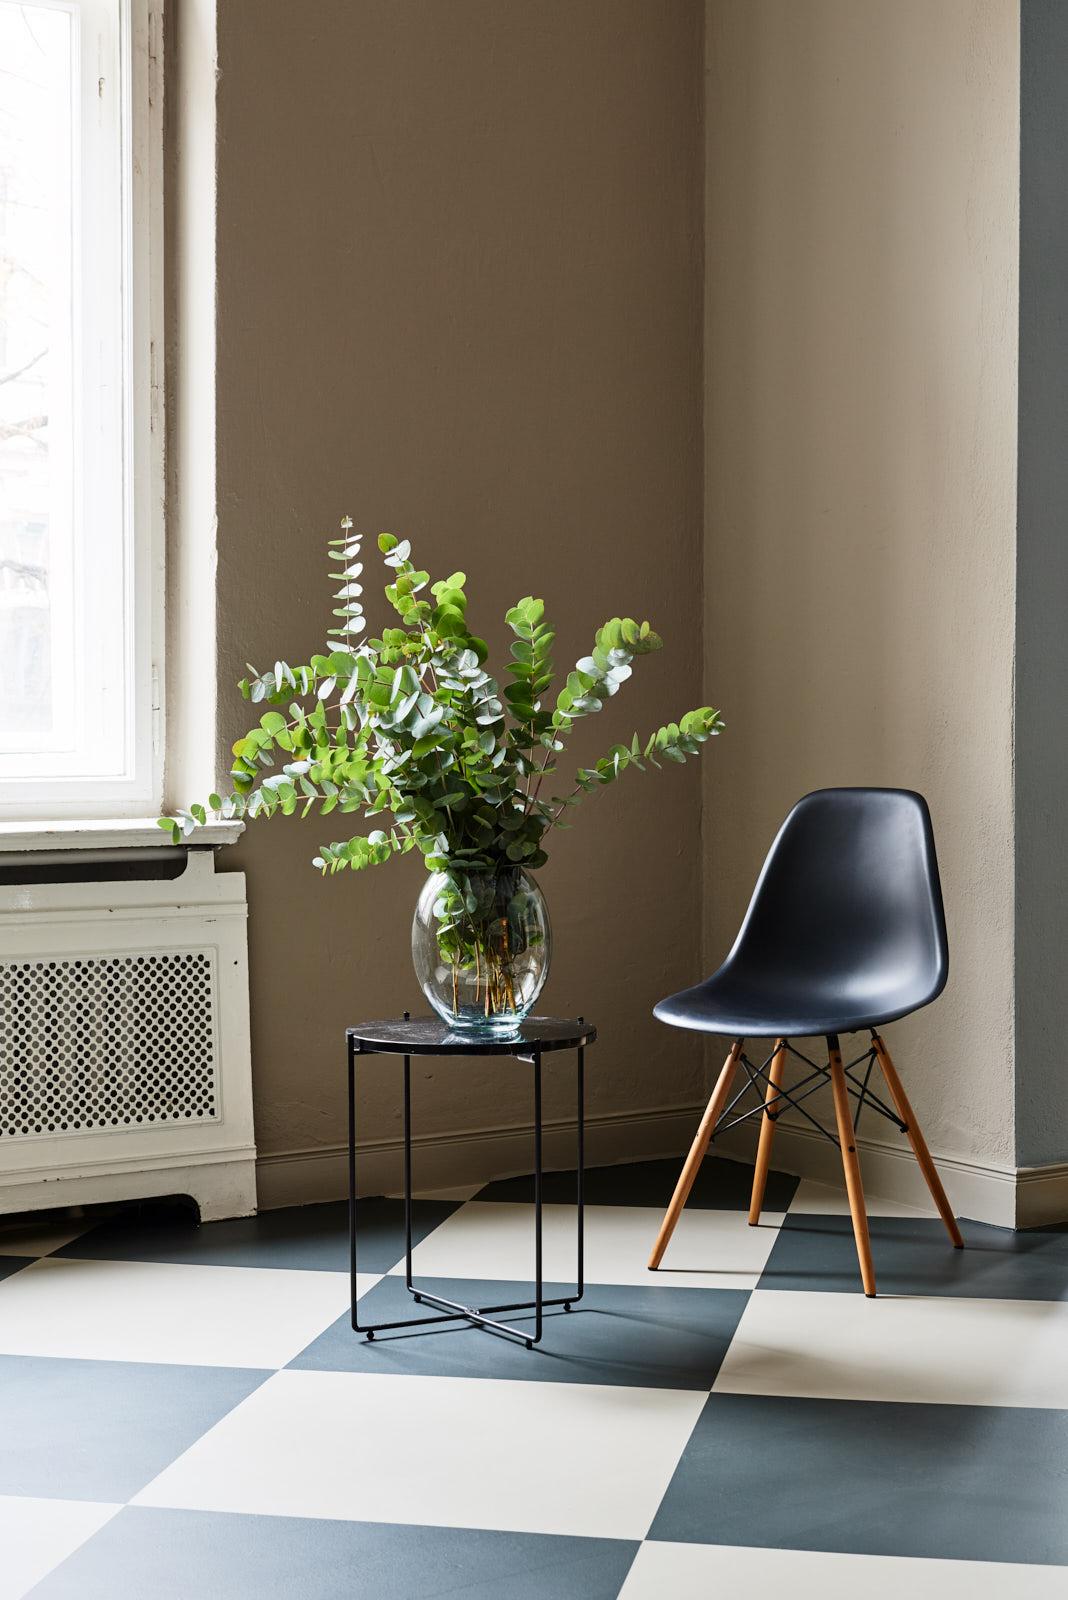 Foto eines weißen Stuhls in einer Ecke